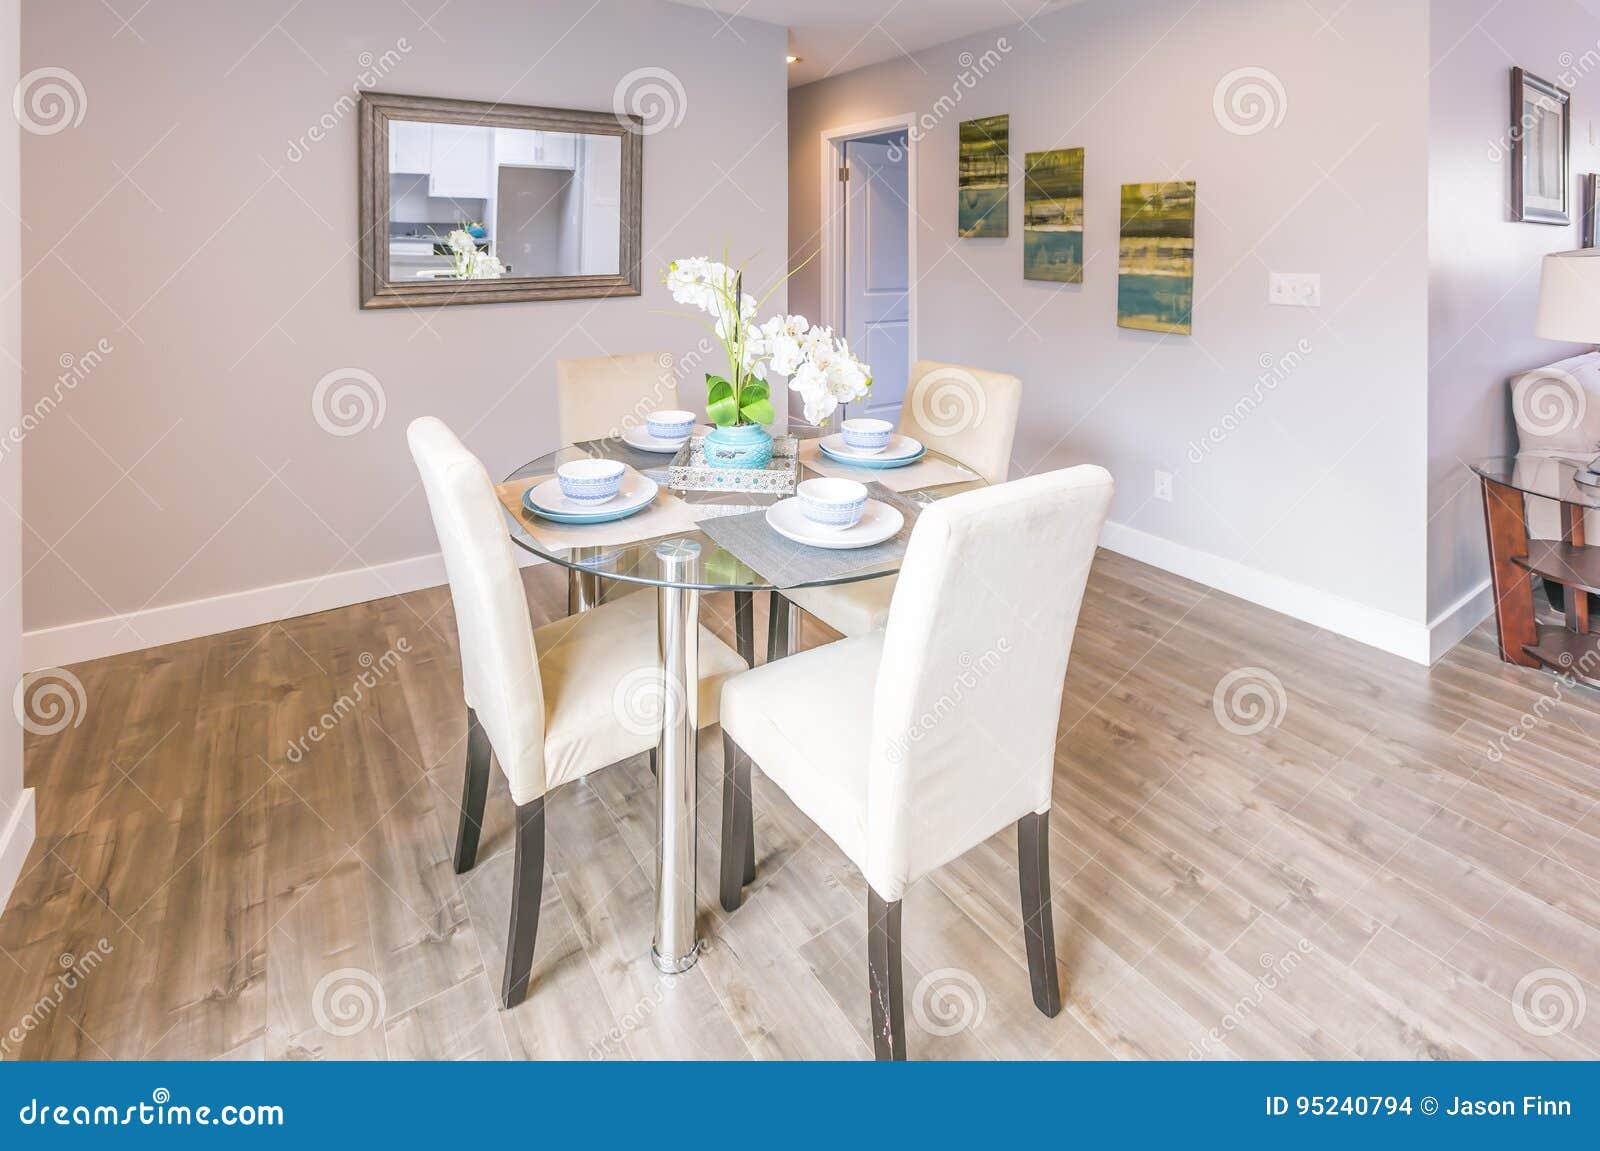 Table De Cuisine Dans La Maison Modele De La Californie Photo Stock Image Du Maison Modele 95240794